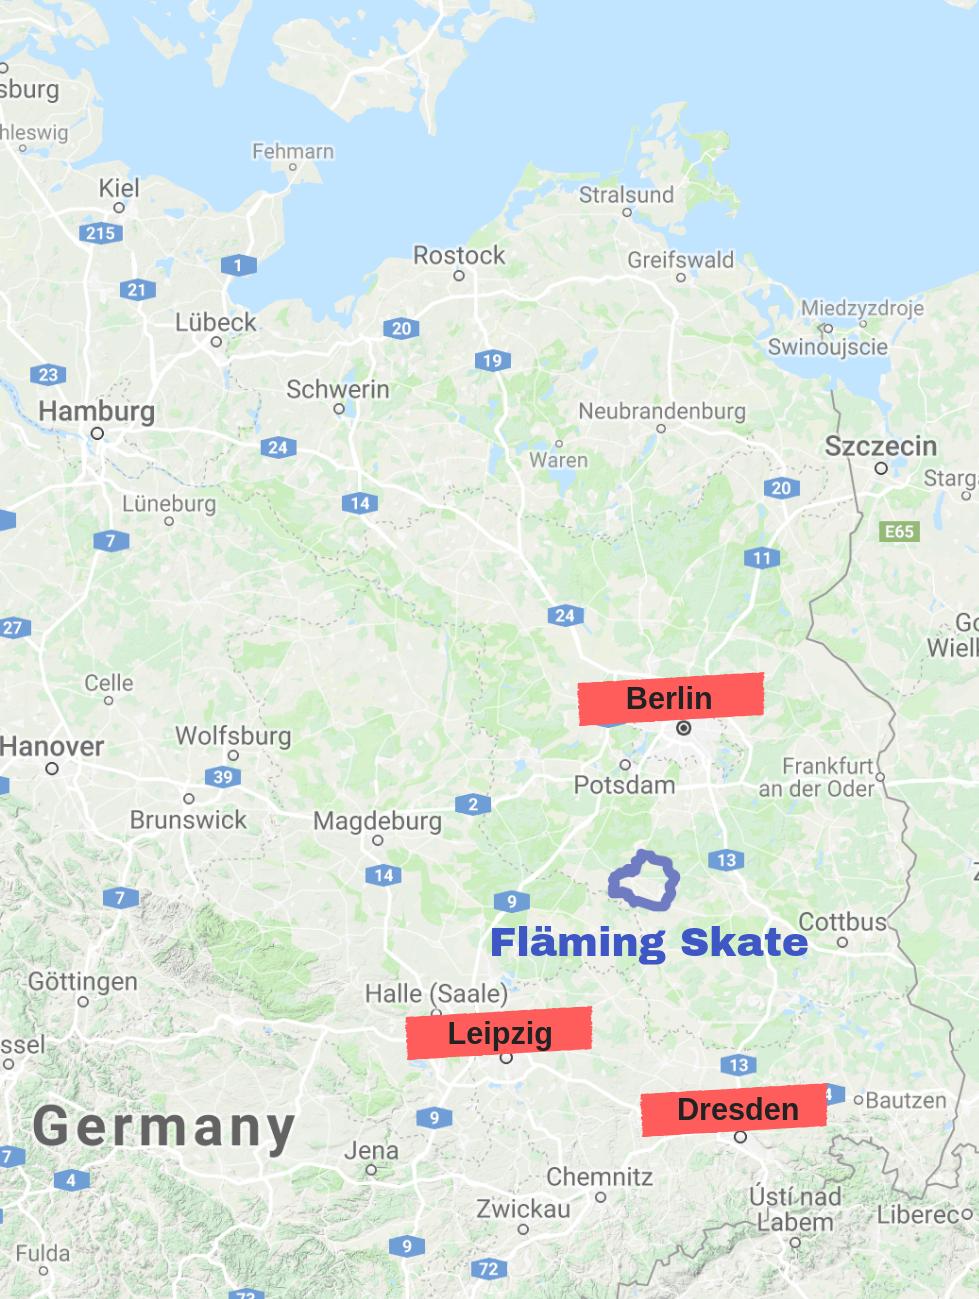 Uebersicht Karte Fläming Skate Berlin Brandenburg